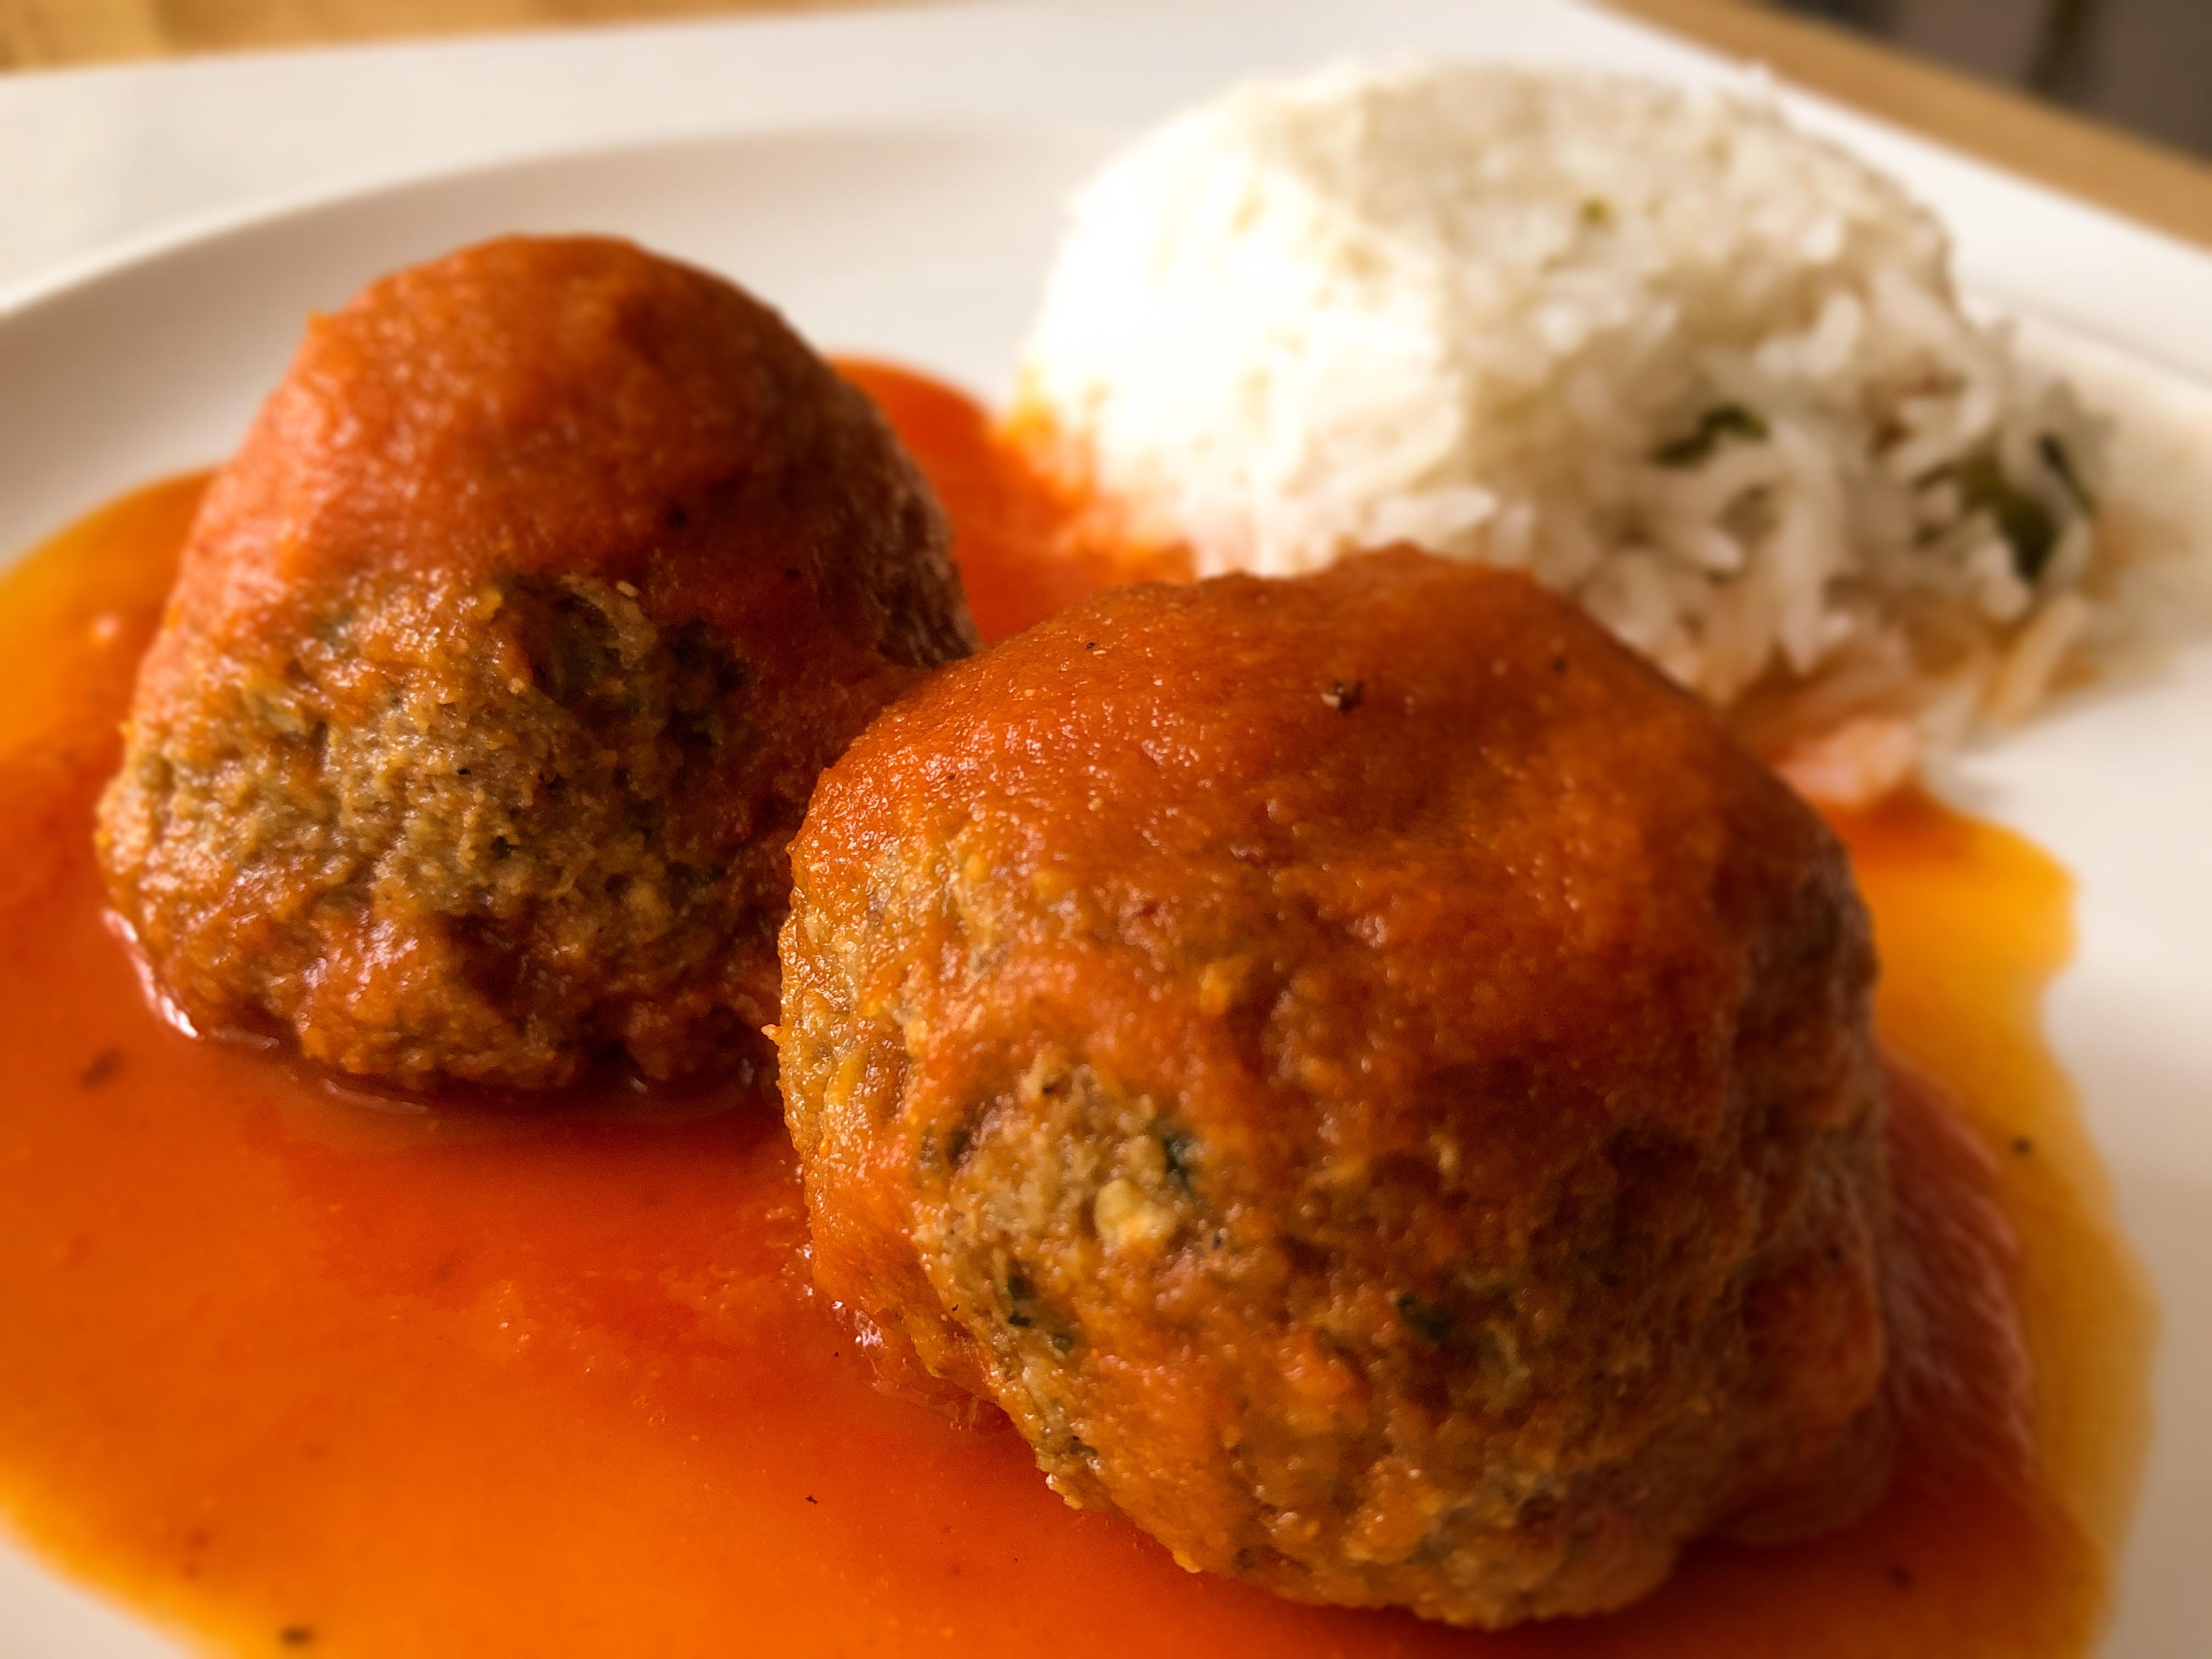 HSI México y Cocina Vegan Fácil, te invitan a probar esta deliciosa receta vegetariana